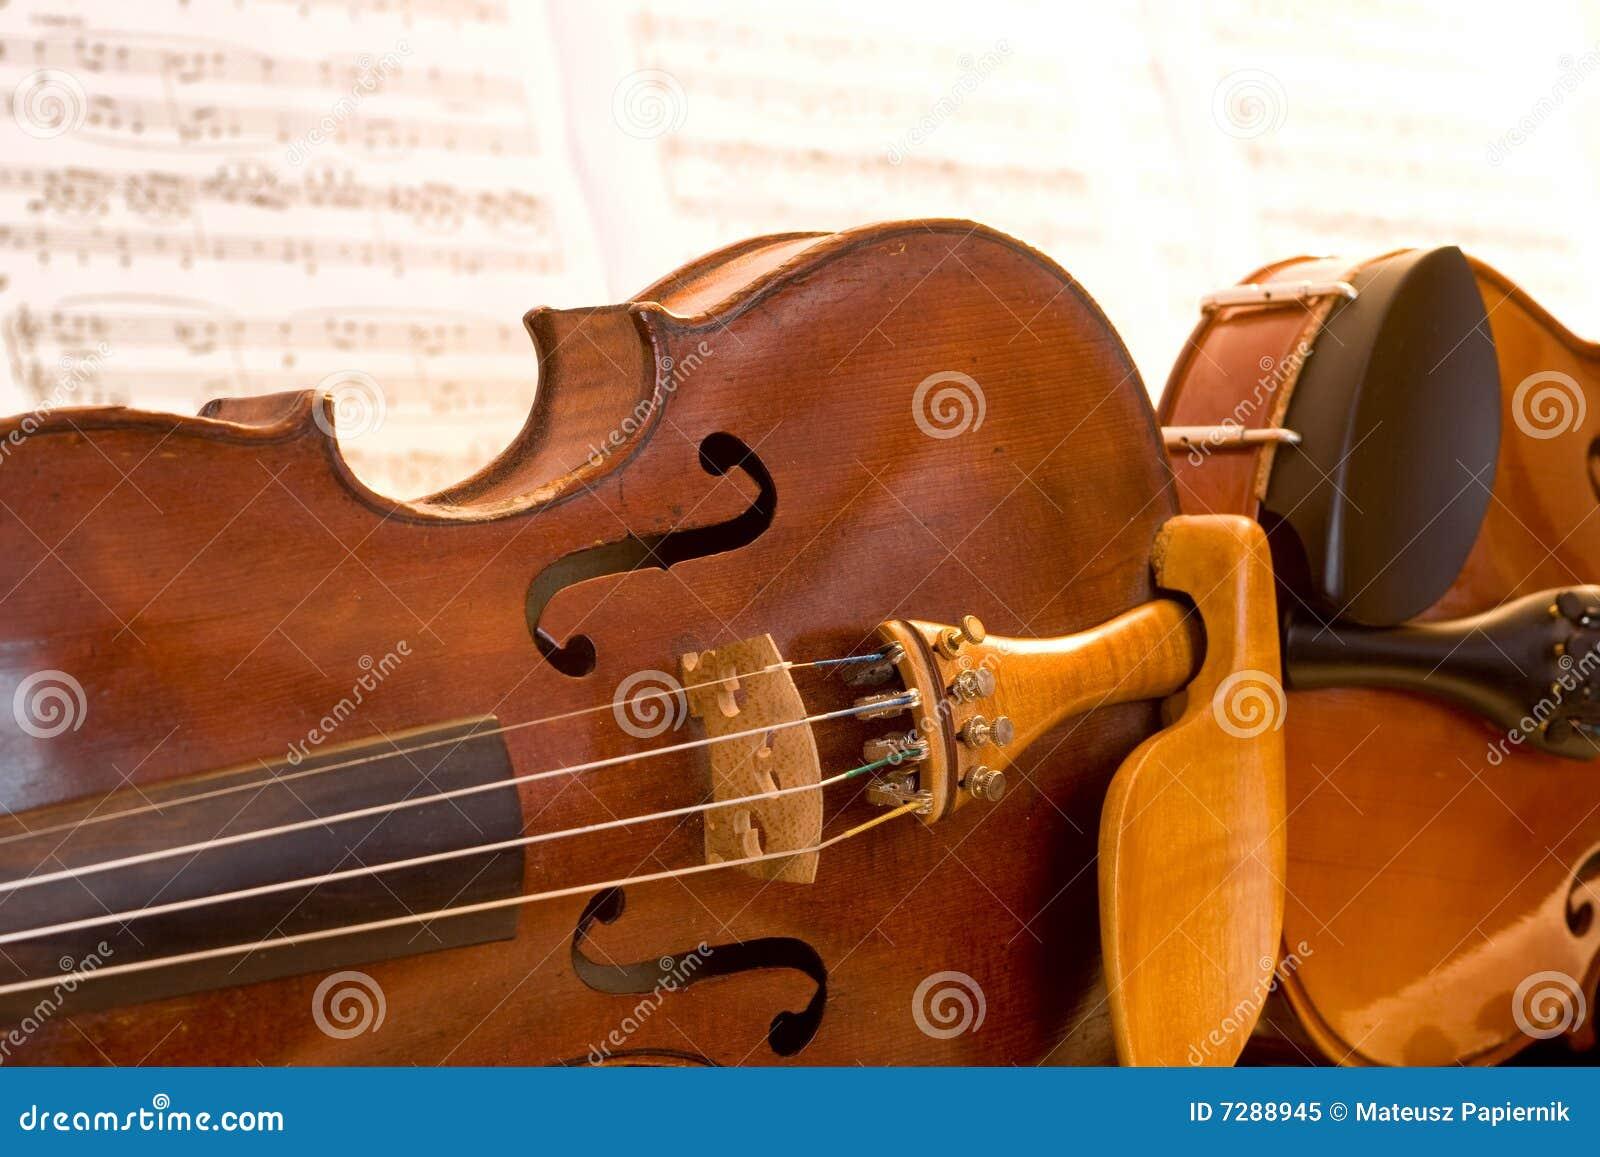 Dos violines que mienten de lado a lado